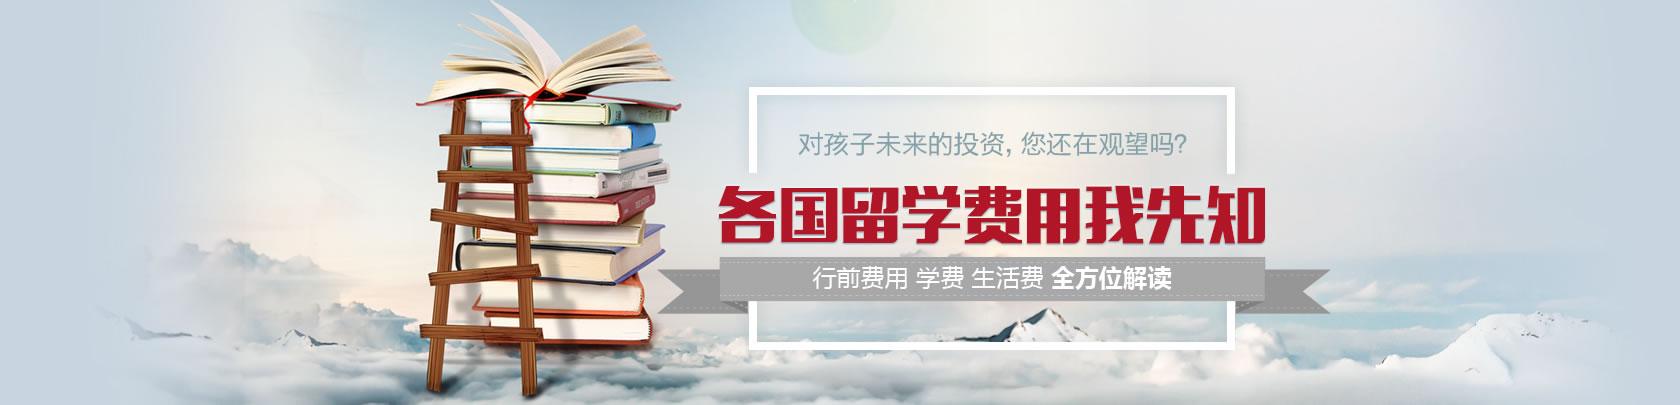 【环球移民】全方位解读各国留学行前、学费、生活费等留学费用